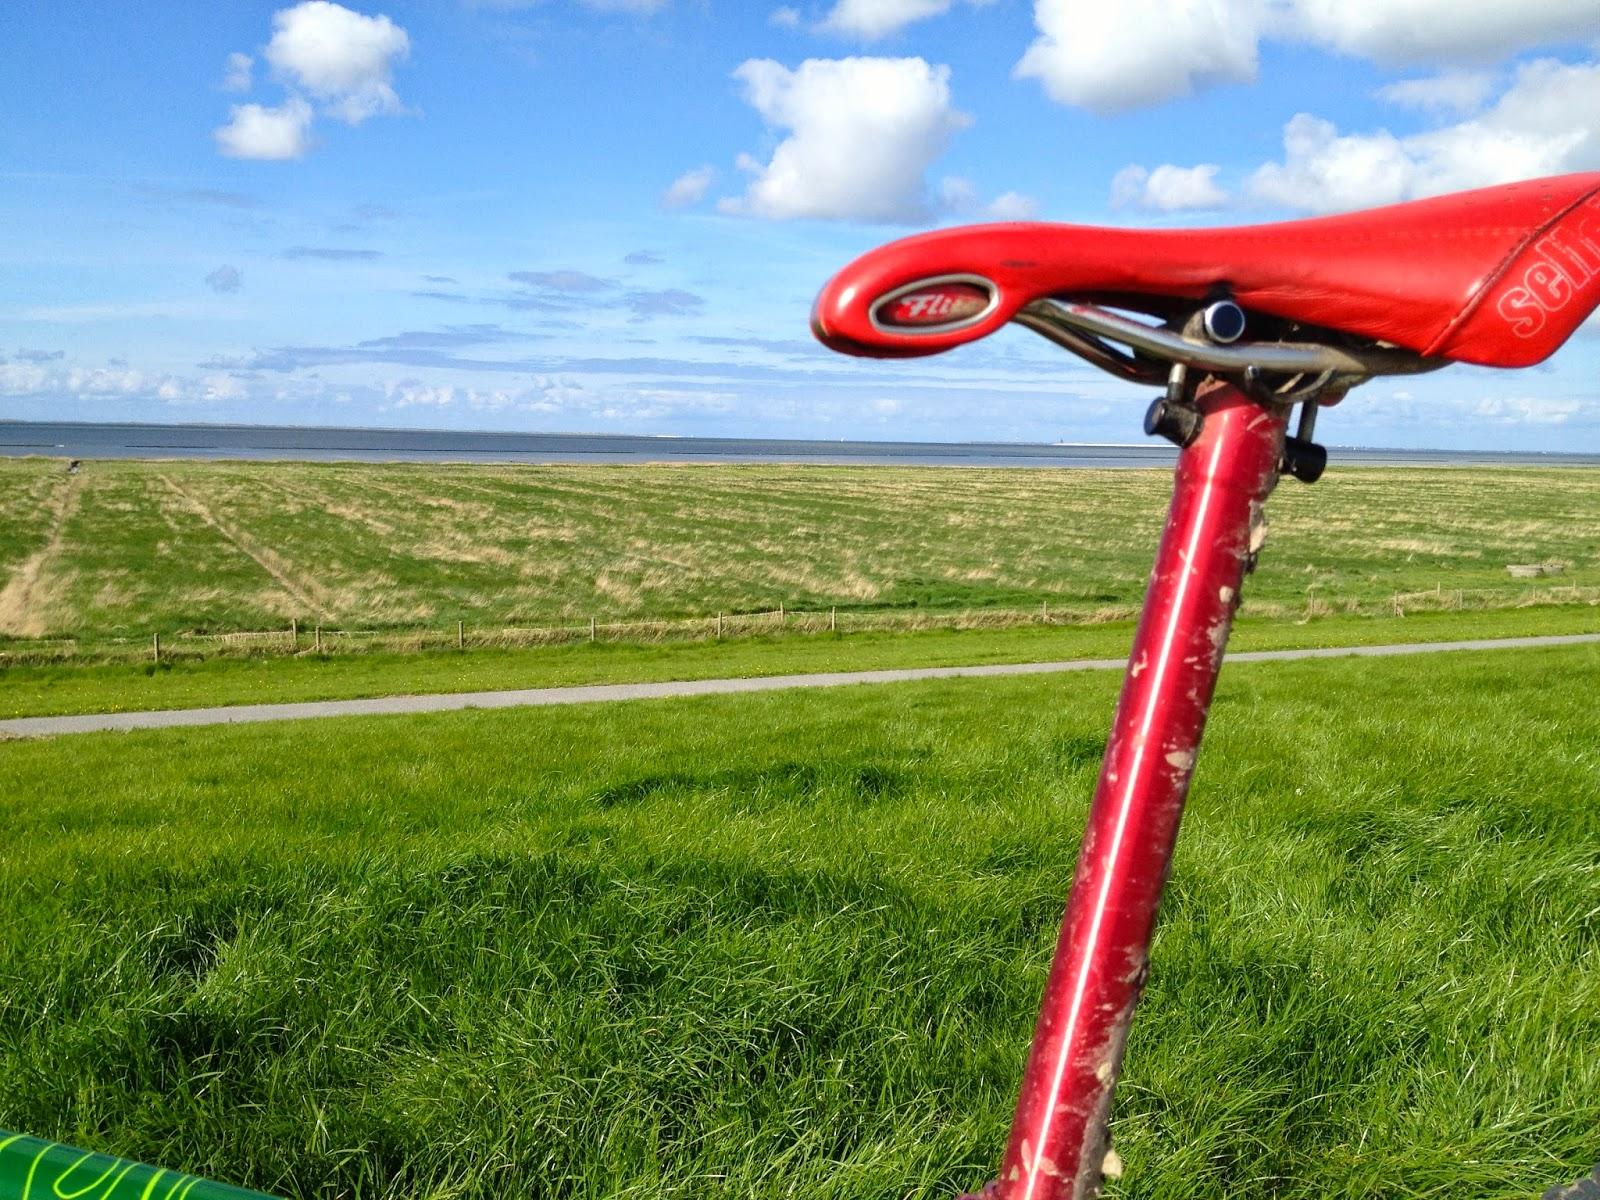 Ns Bikes Suburban Dirt Bike Bmx Fahrrad Mountain Bike tausche auch gg ...